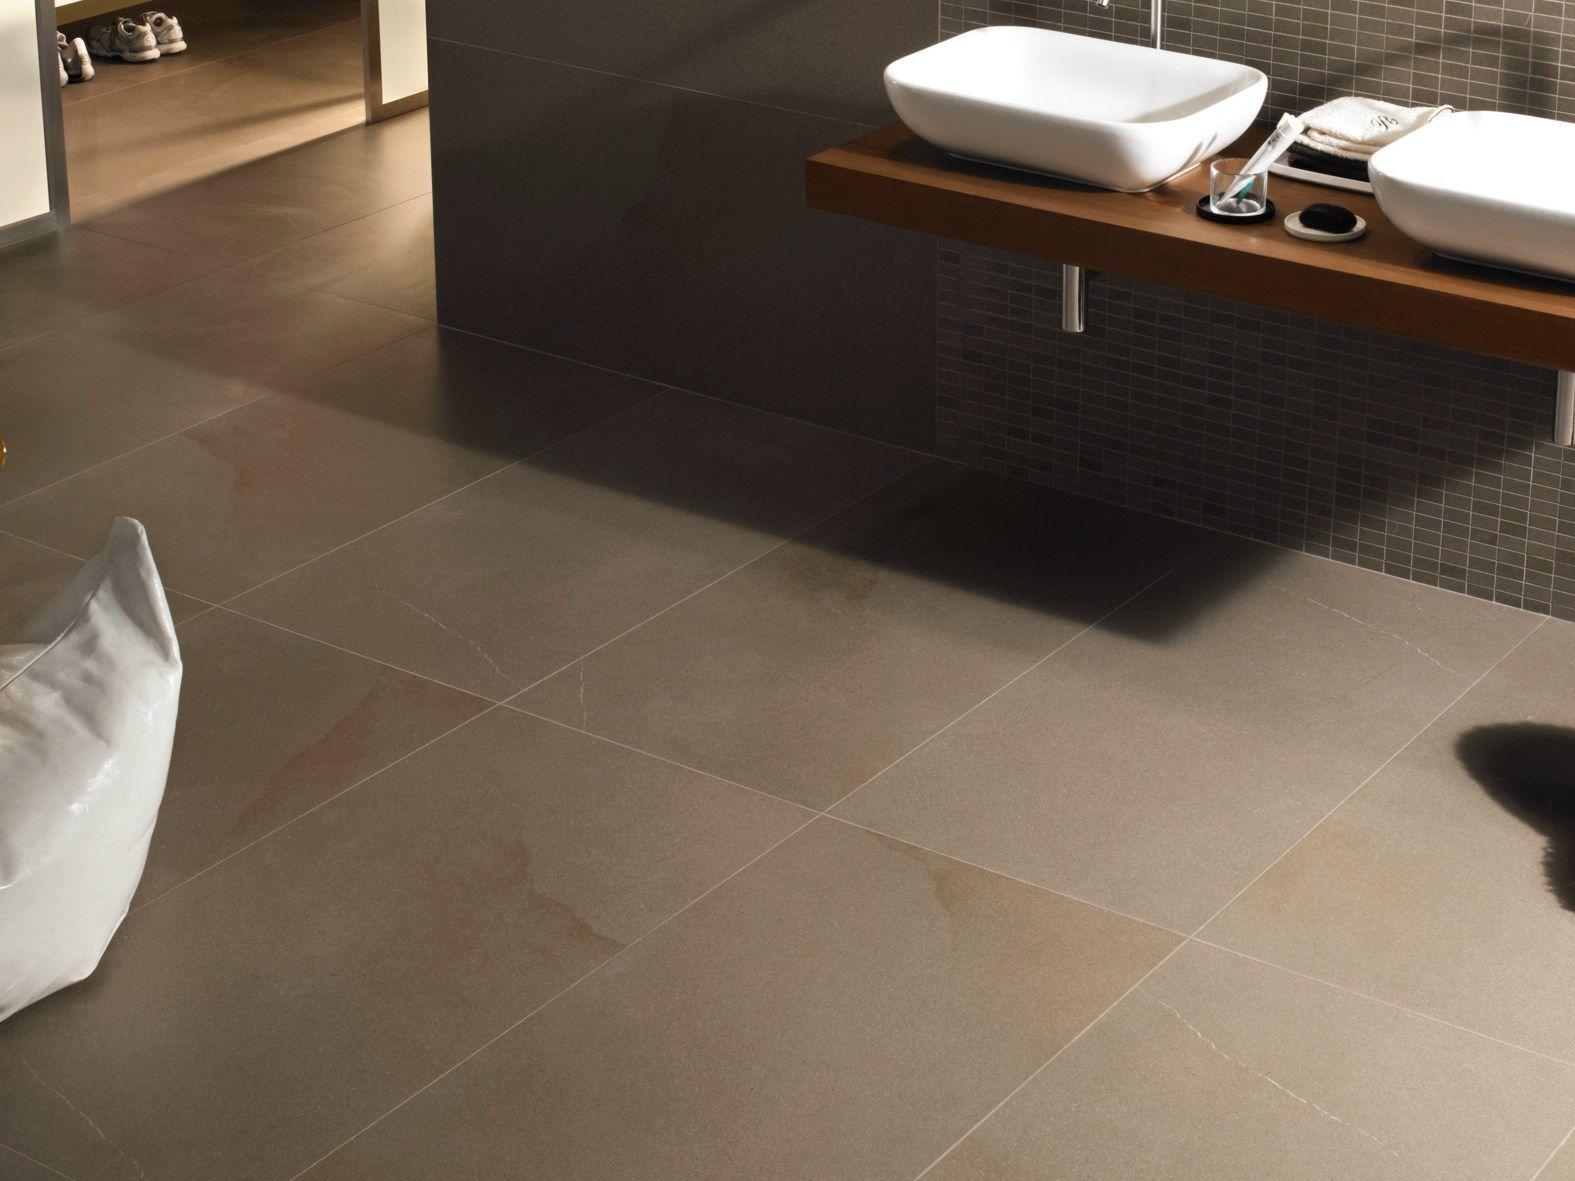 Pavimento/rivestimento in gres porcellanato per interni ed esterni PIETRA PIASENTINA by MARAZZI